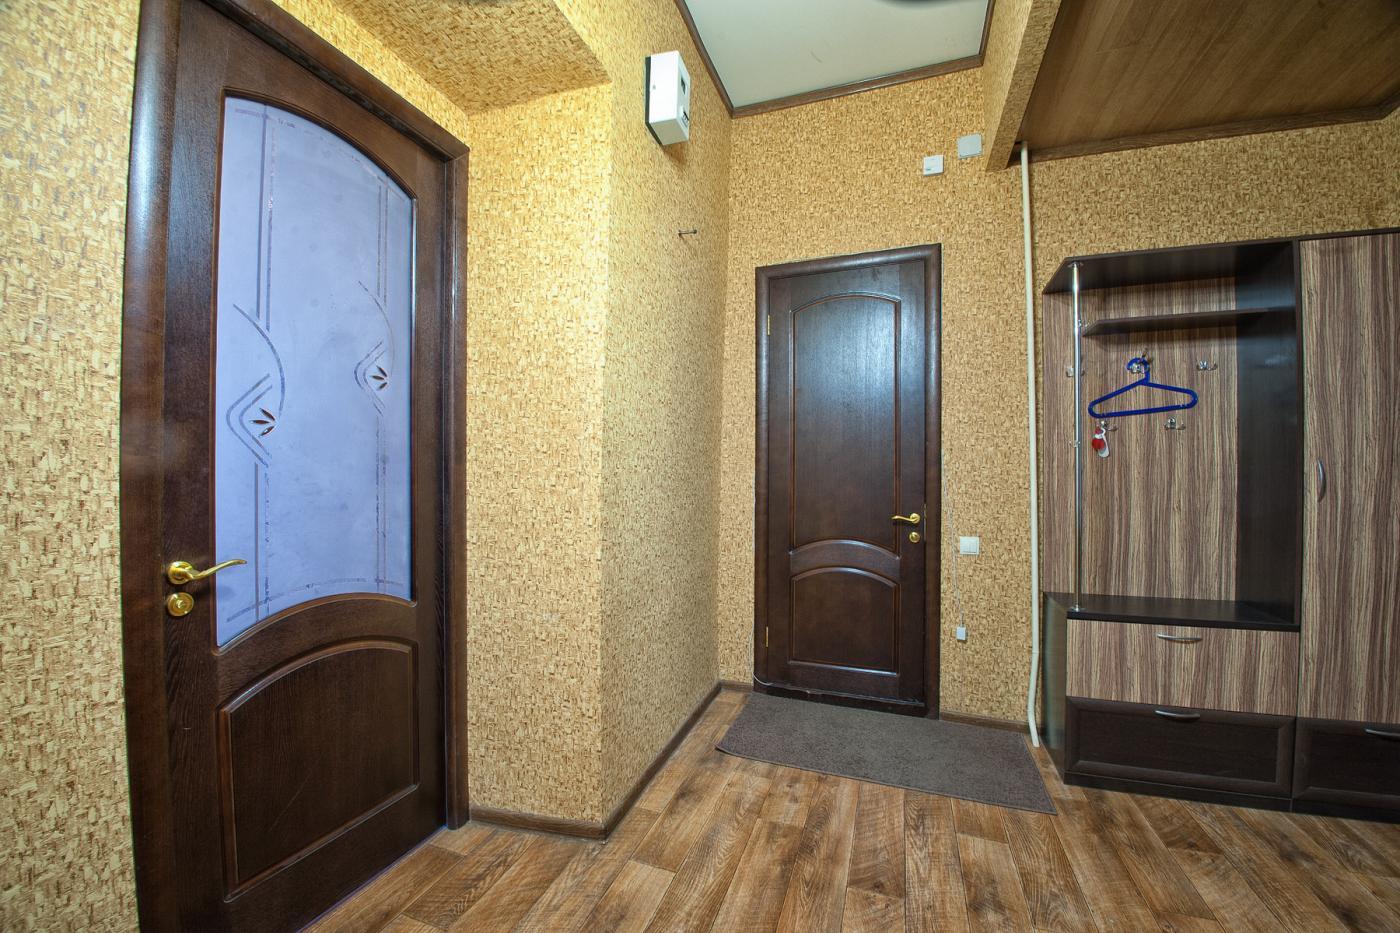 3-комнатная квартира посуточно (вариант № 1194), ул. Дзержинского улица, фото № 8